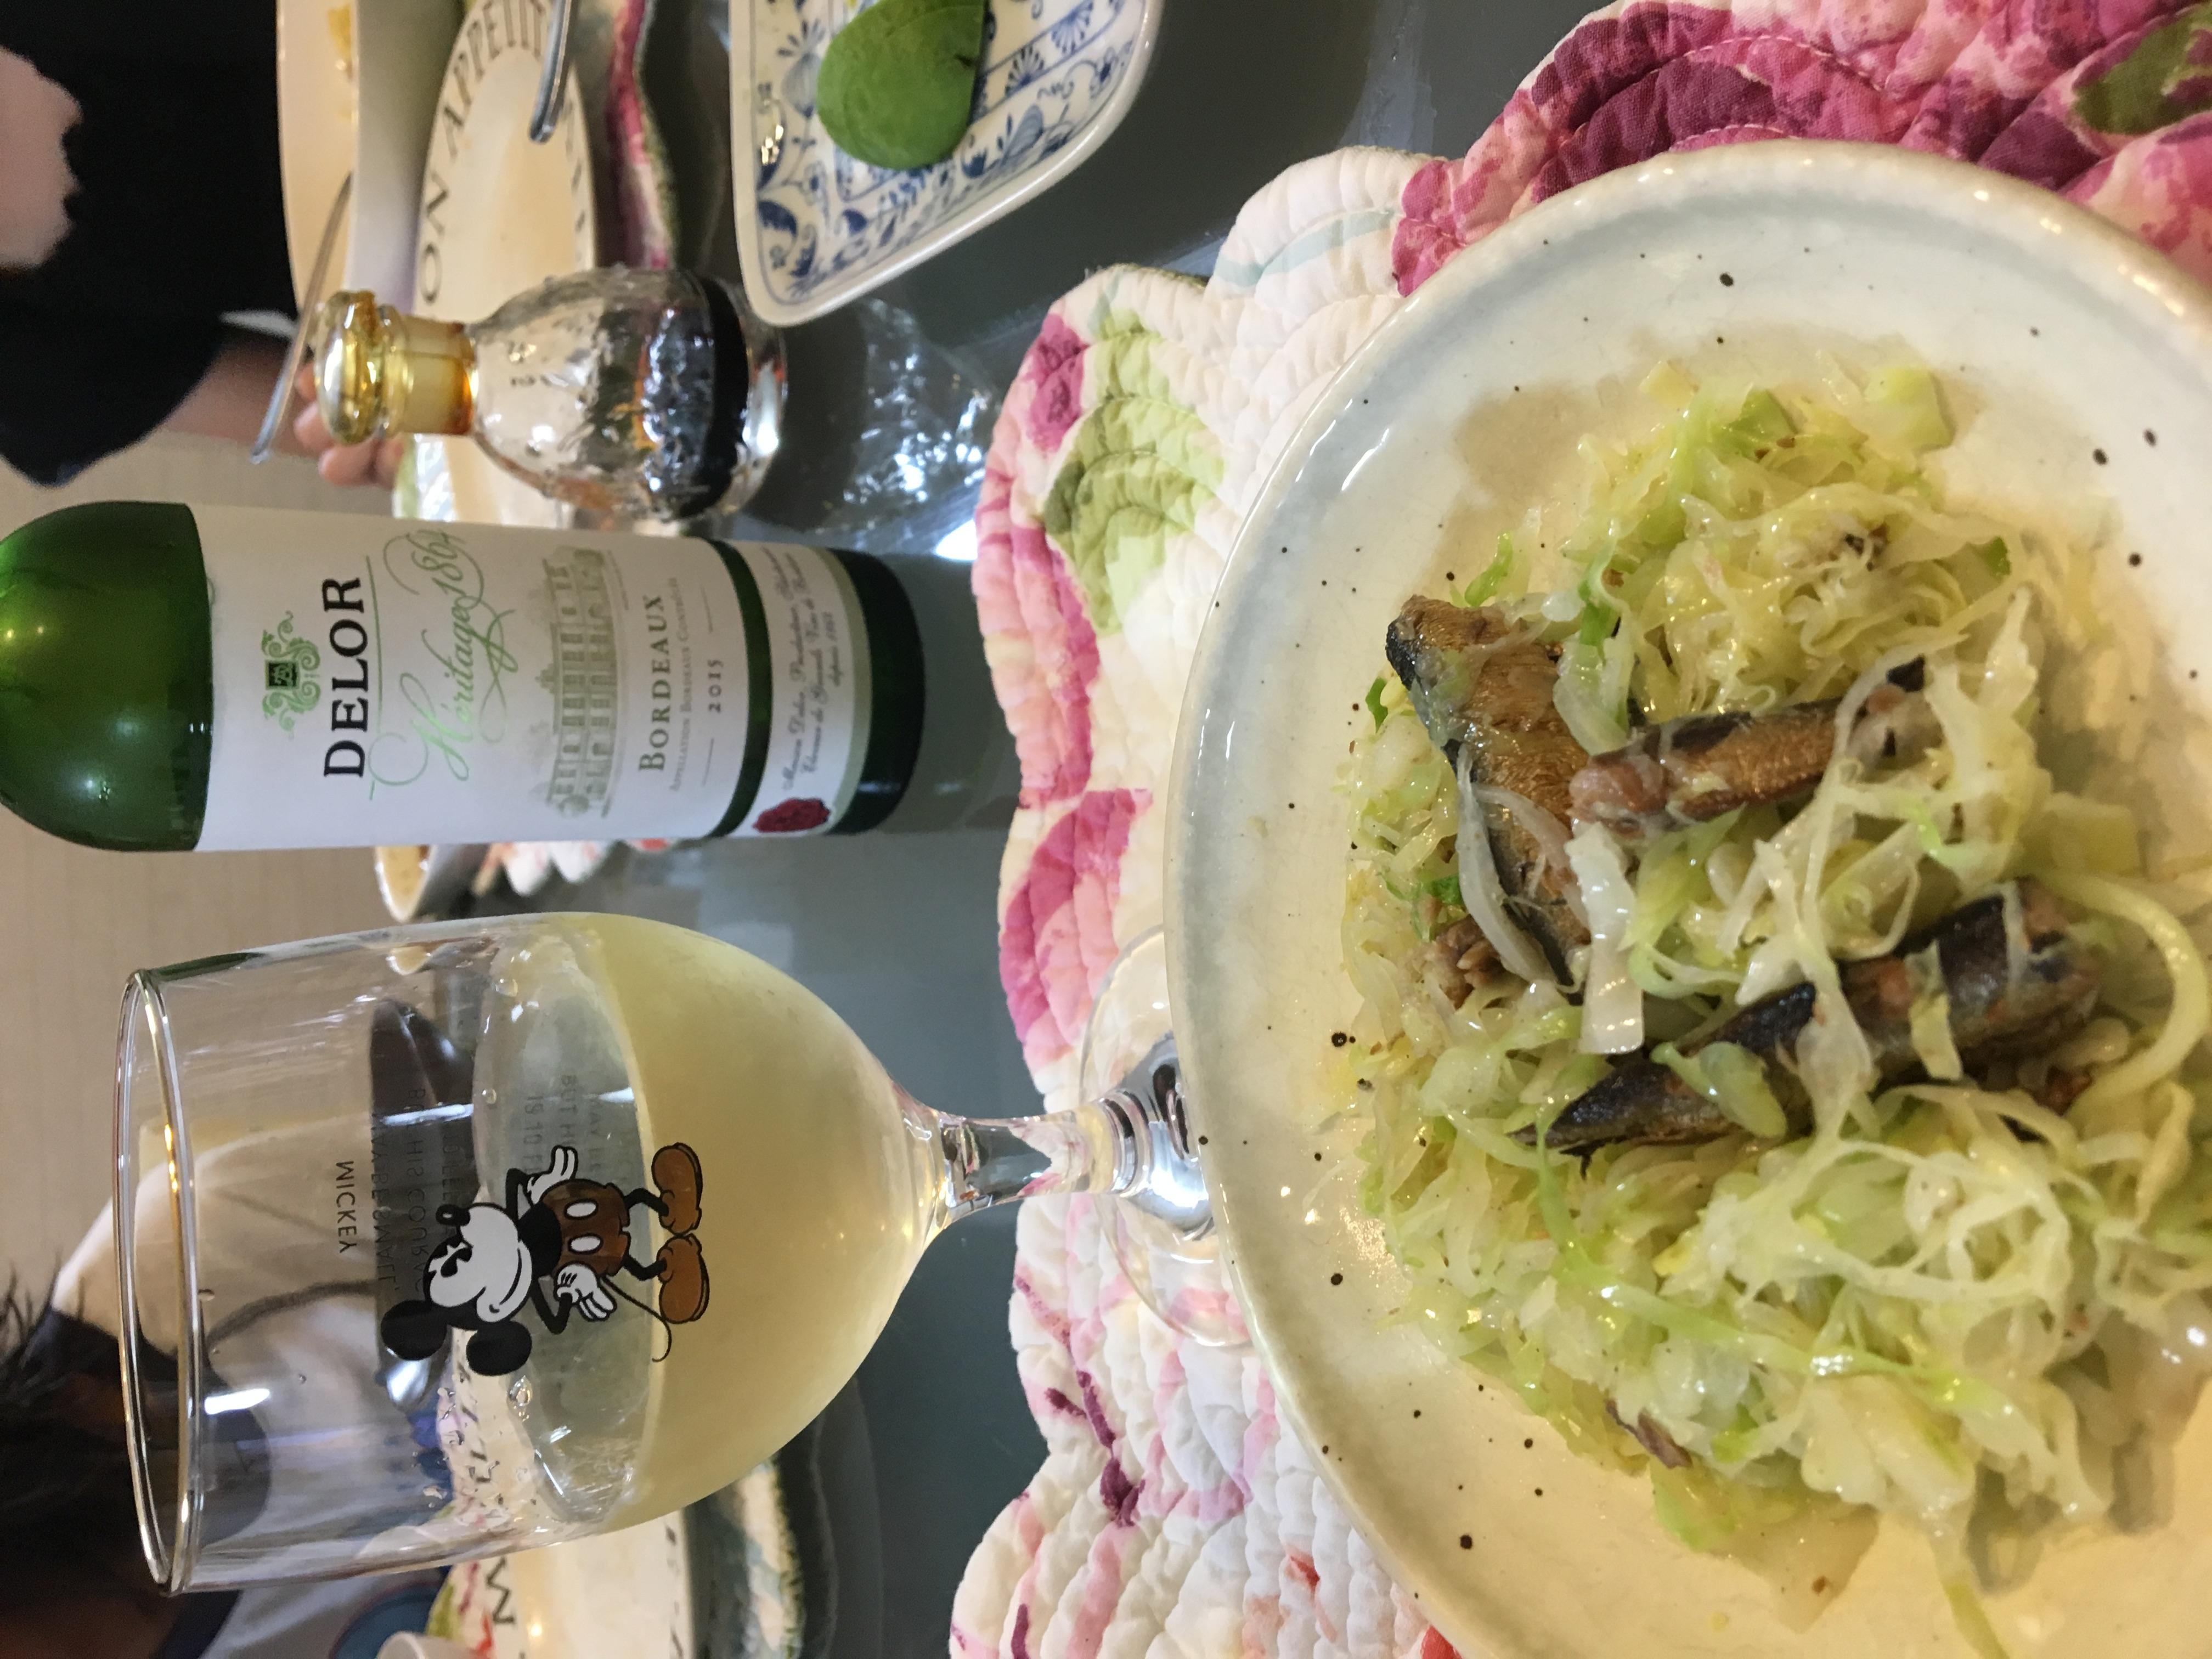 [ブログ]10kgダイエット成功したHさんから美味しい物頂きました♪